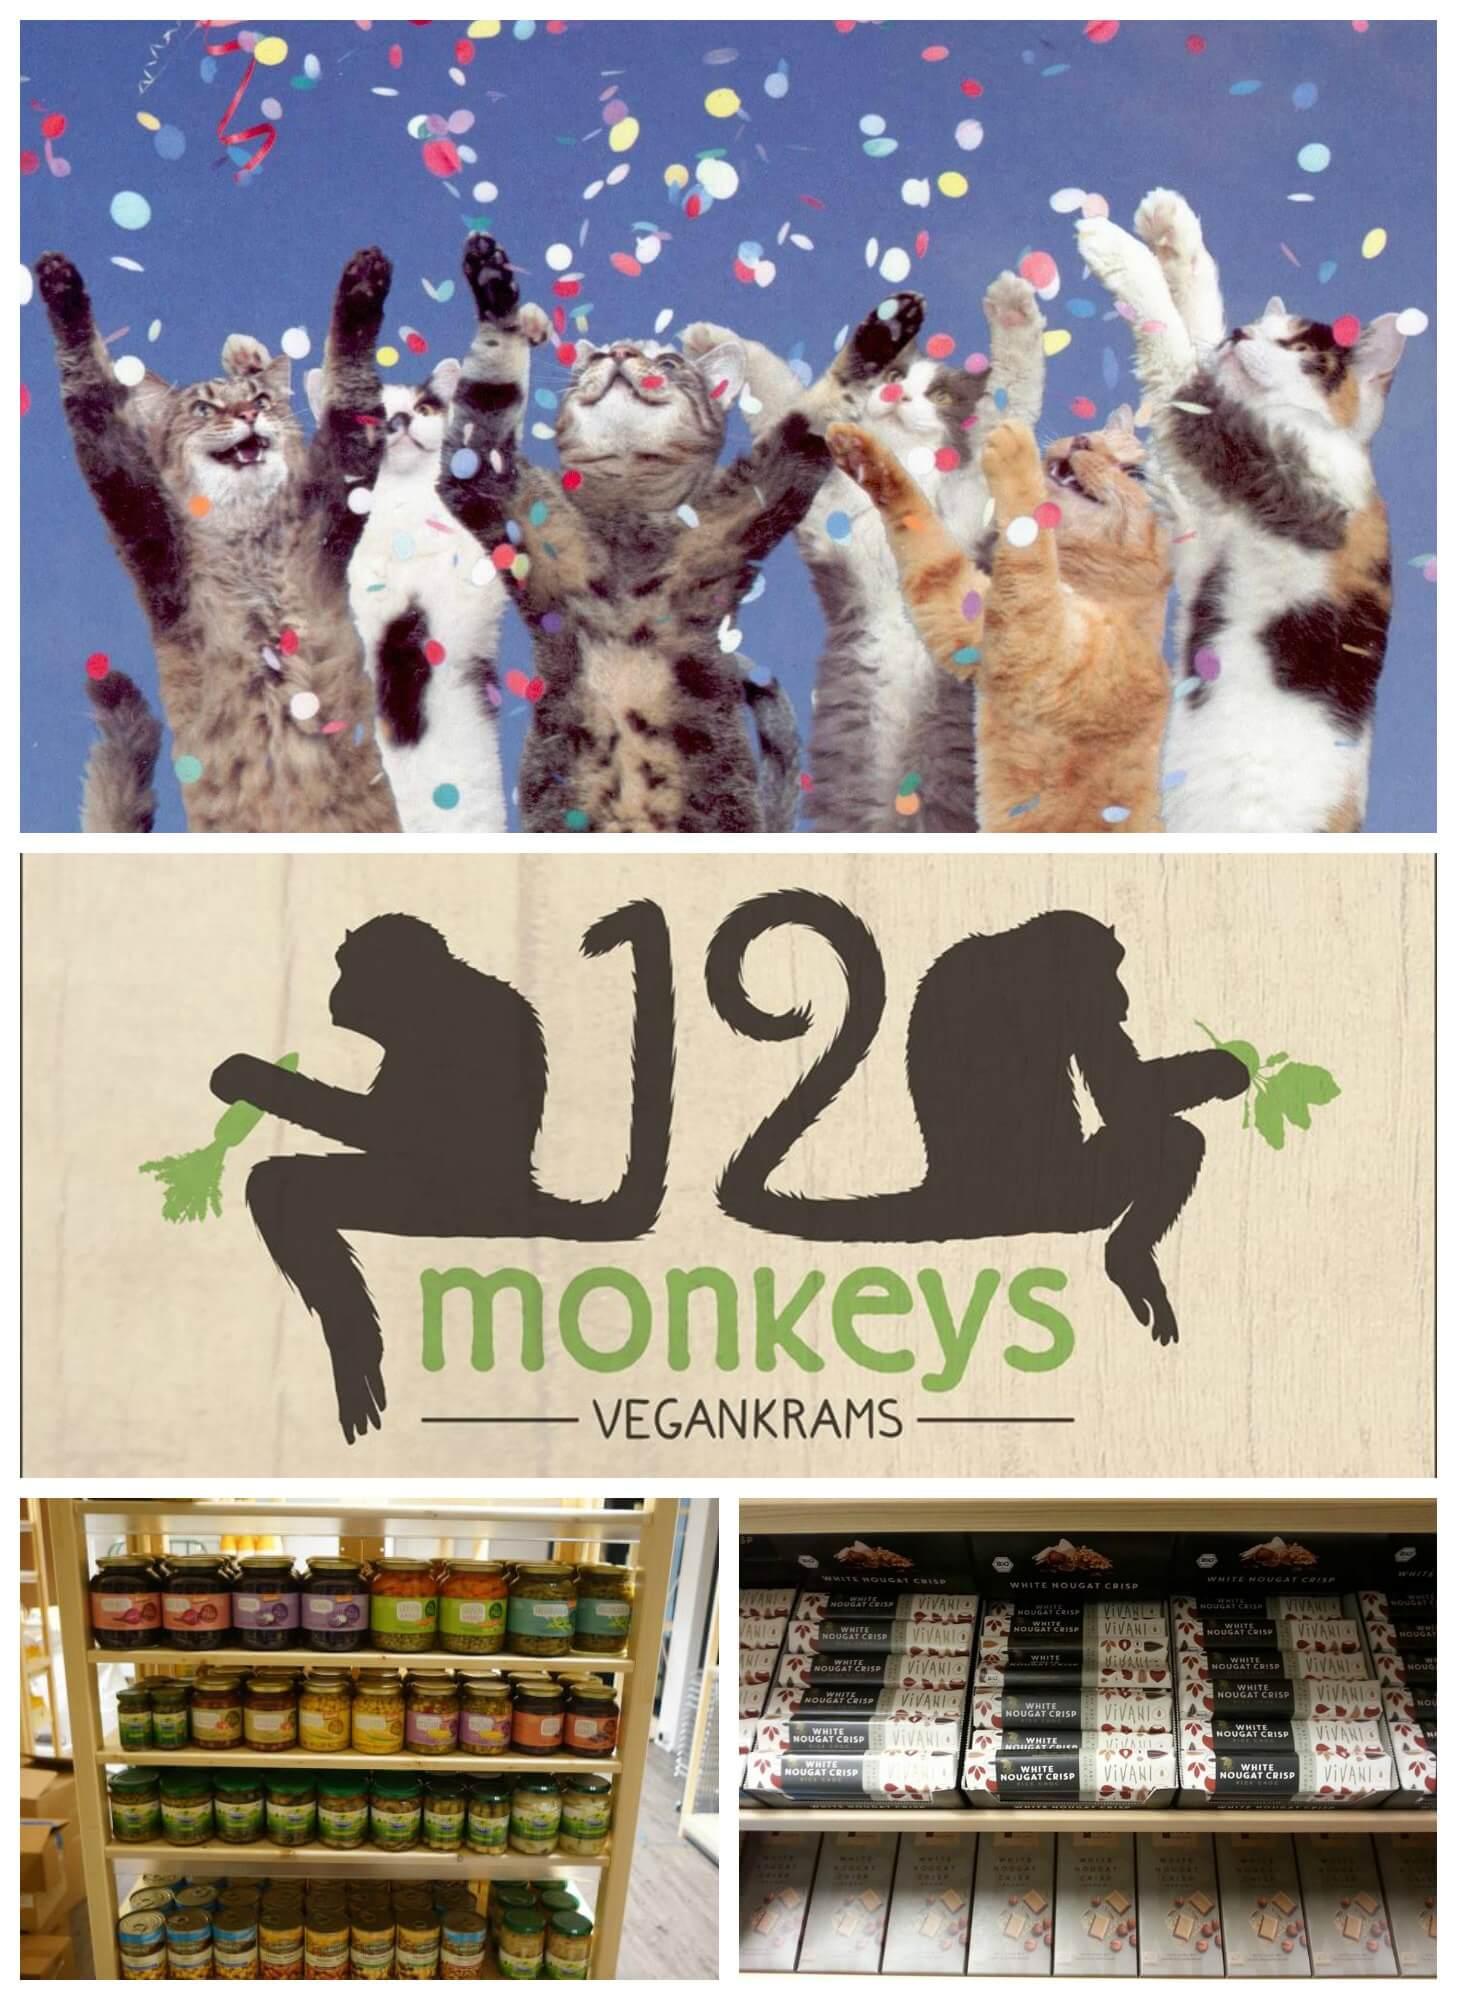 Aufgepasst! Hamburg bekommt eine tolle neue Einkaufsmöglichkeit. Köstliche Leckereien und alles für das tägliche Überleben bekommt ihr ab jetzt bei Twelve Monkeys – Vegankrams! Zur Eröffnungsfeierlichkeit gibt es ein kleines veganes Straßenfest mit vielen tollen Überraschungen direkt vor der Ladentür!